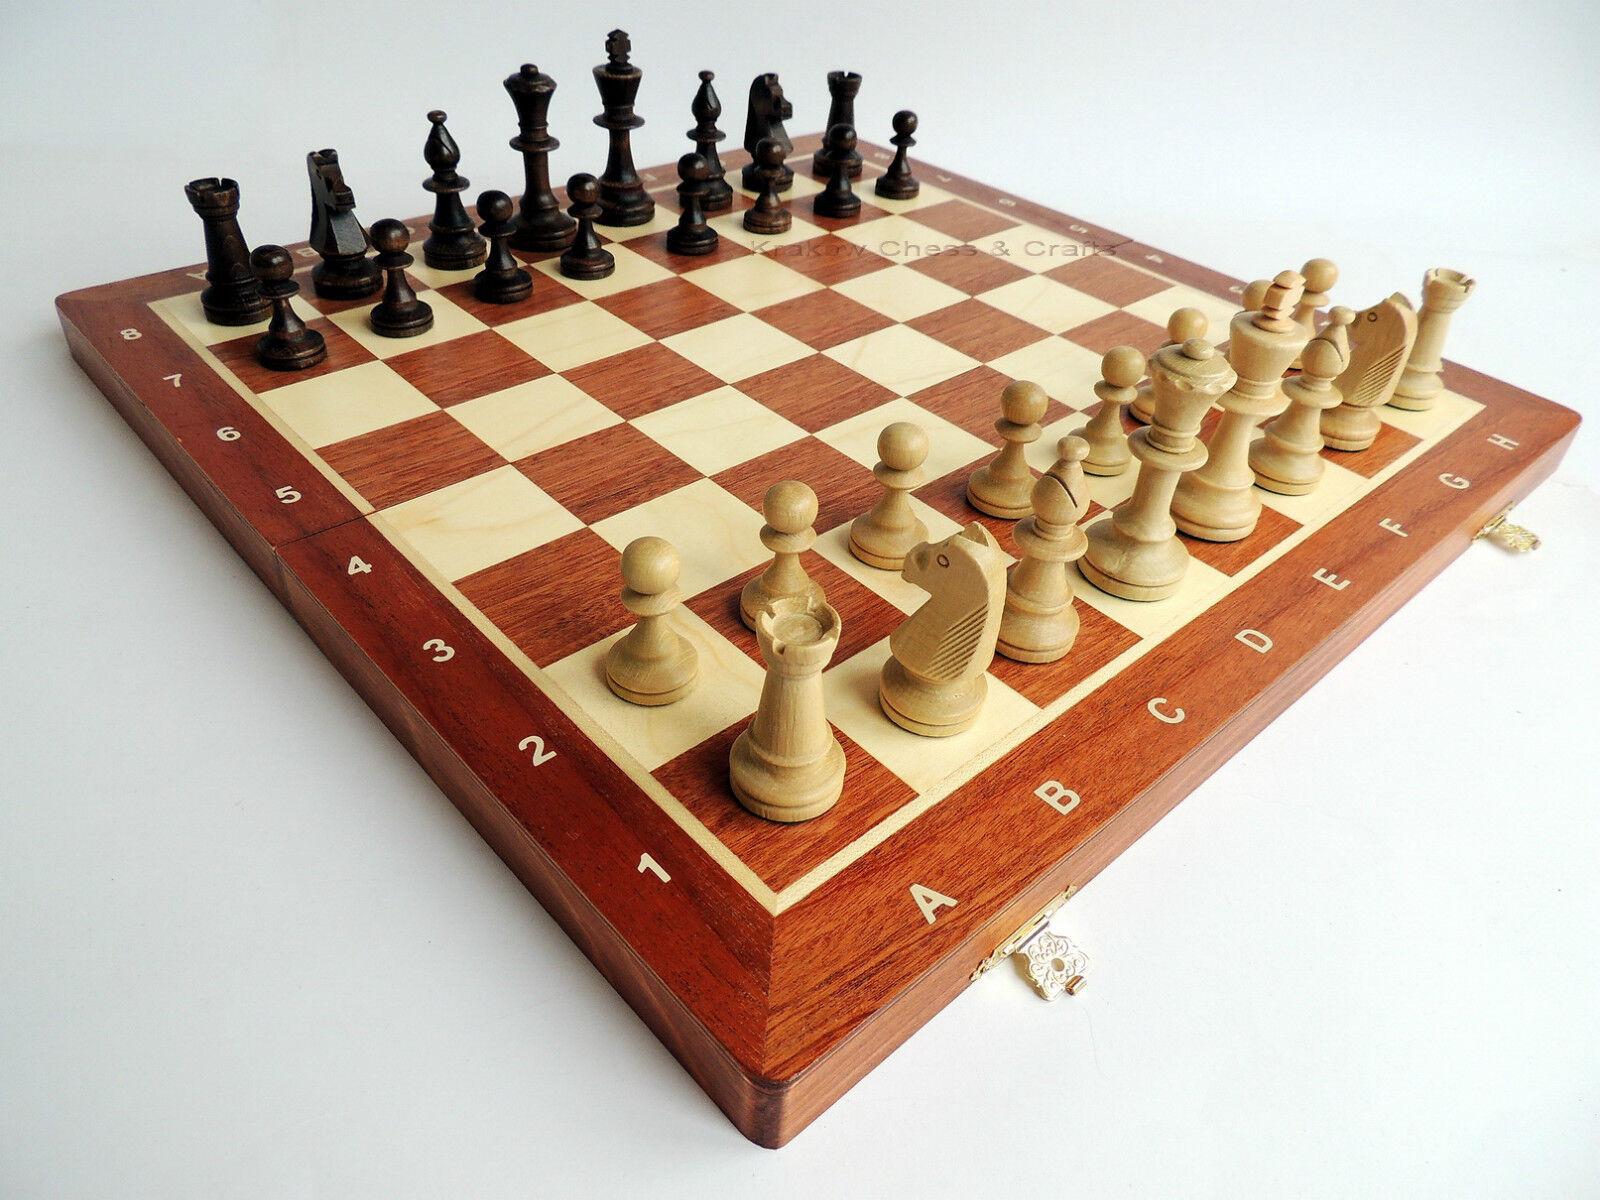 NEU Wegiel Turnier Nr 5 Schachspiel aus Holz 47cm with gewogenen Stücke